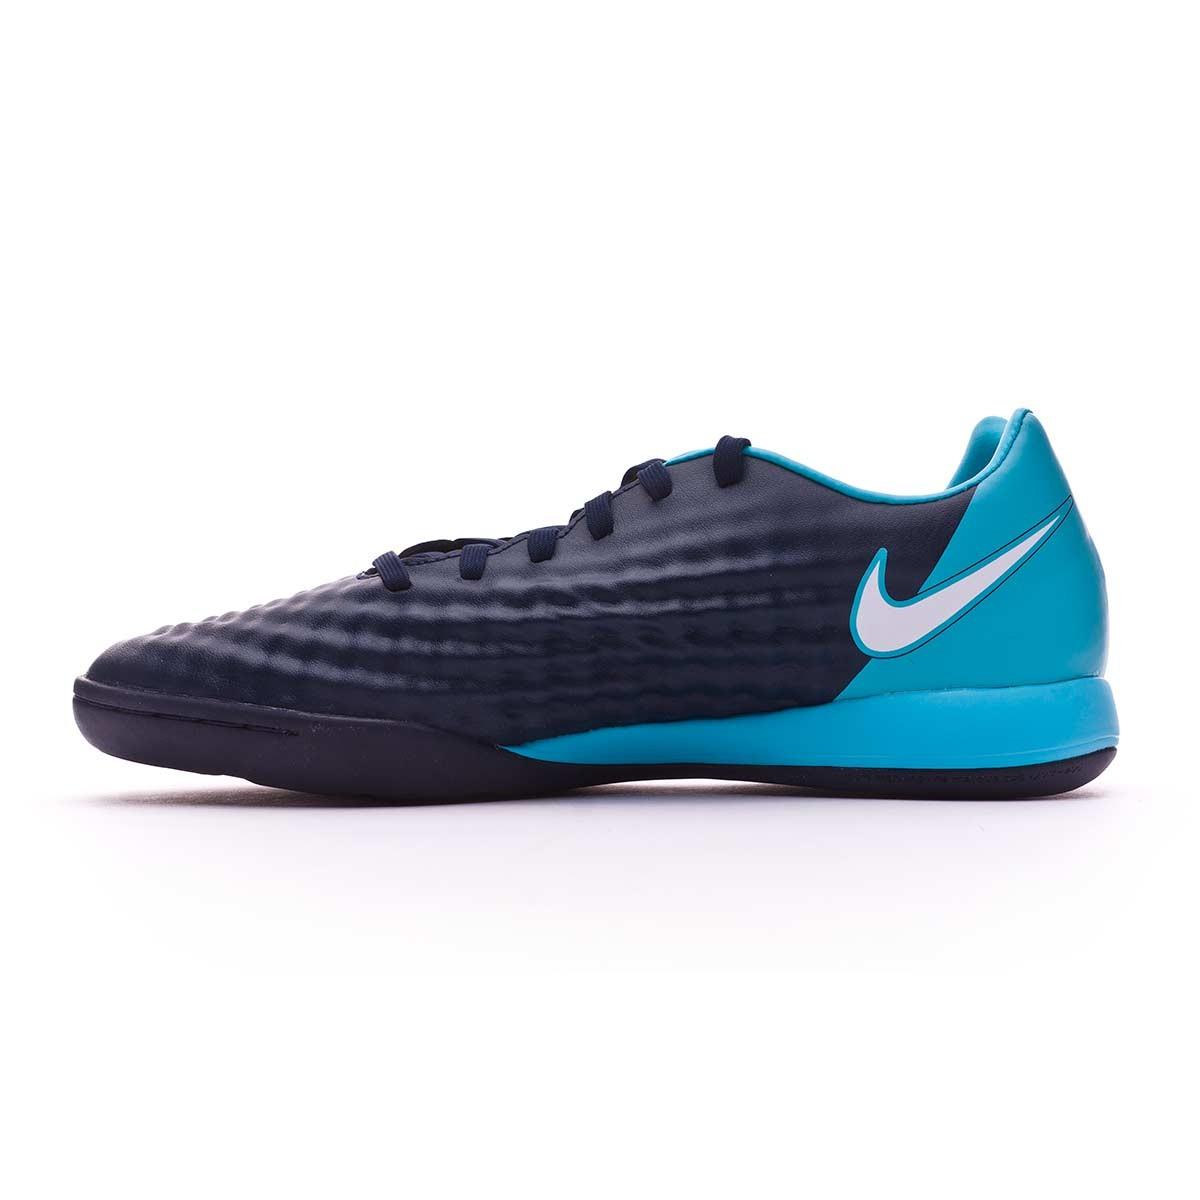 ... futsal boot nike magistax onda ii ic obsidian white gamma blue 7f391061b72ce